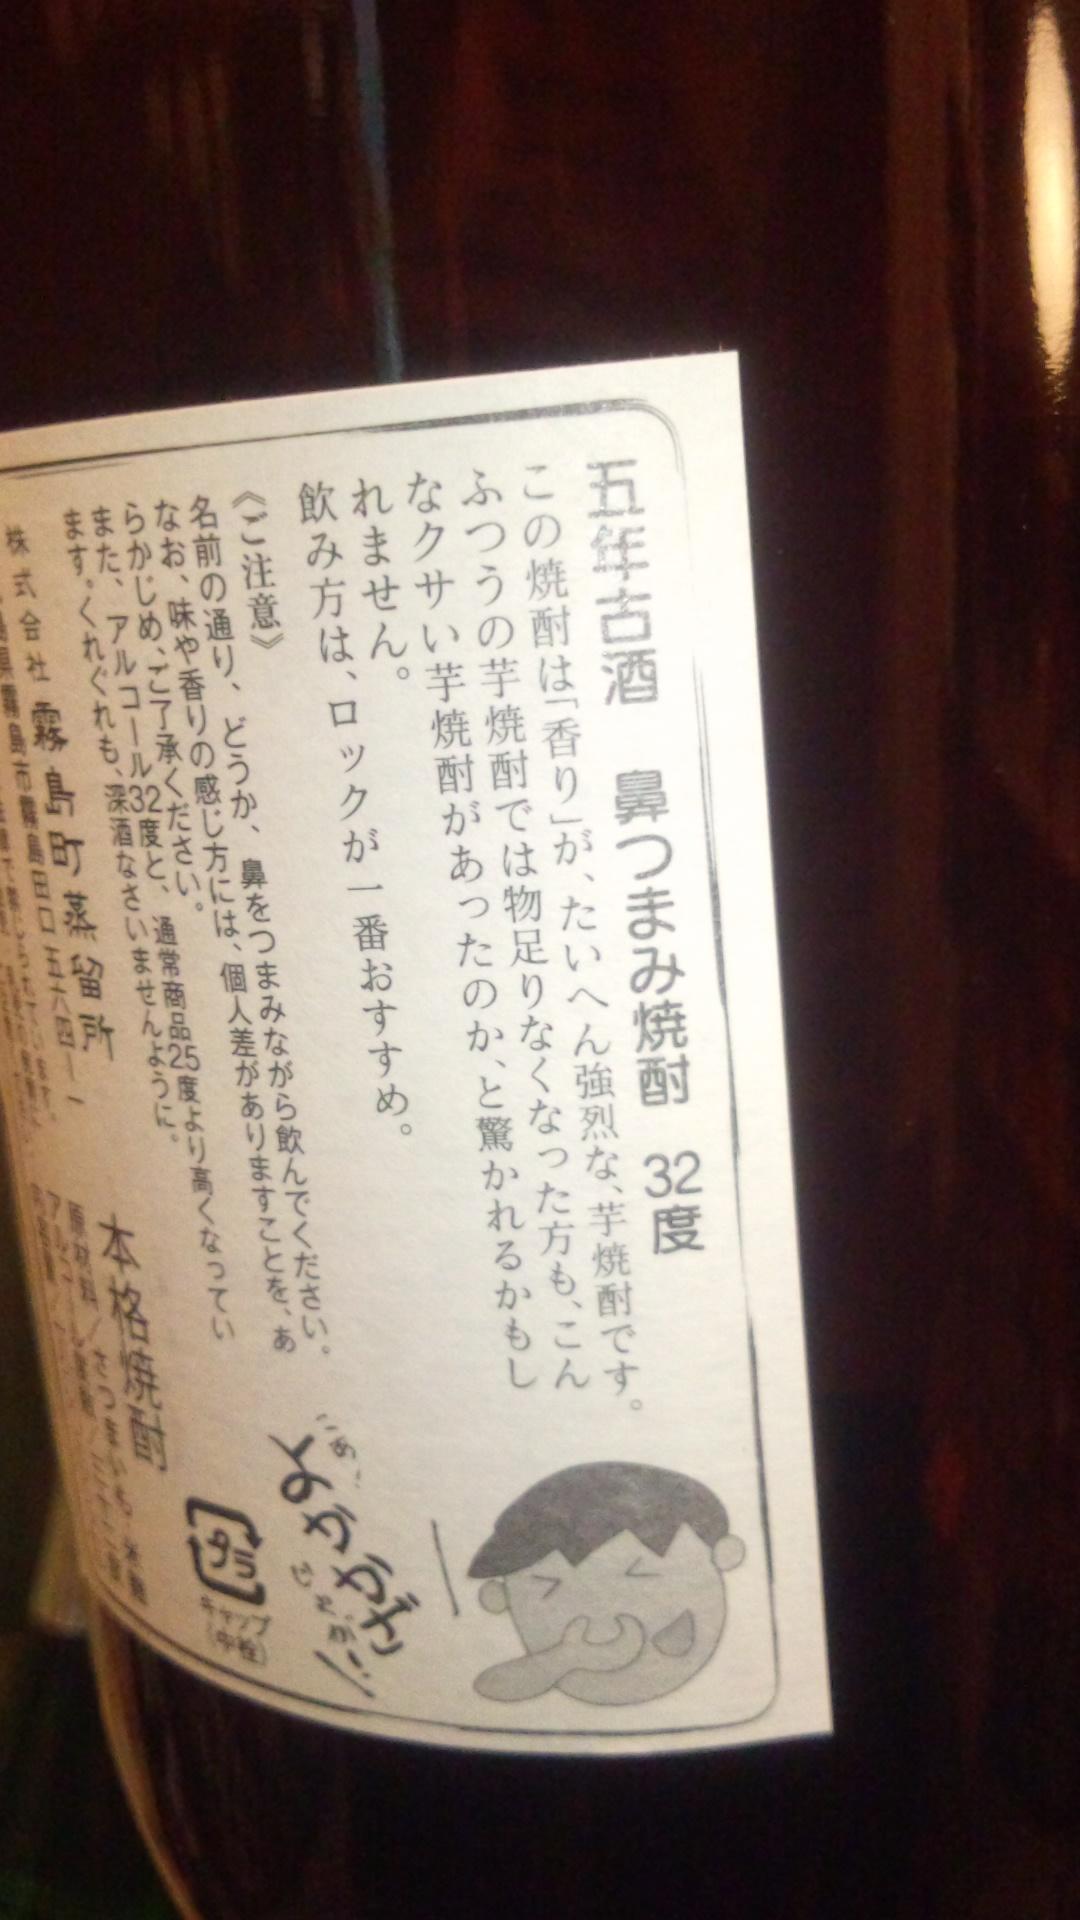 ☆その名もびっくり!「鼻つまみ焼酎」芋焼酎32度、入荷しました(*´∇`*) ☆_c0175182_1342718.jpg